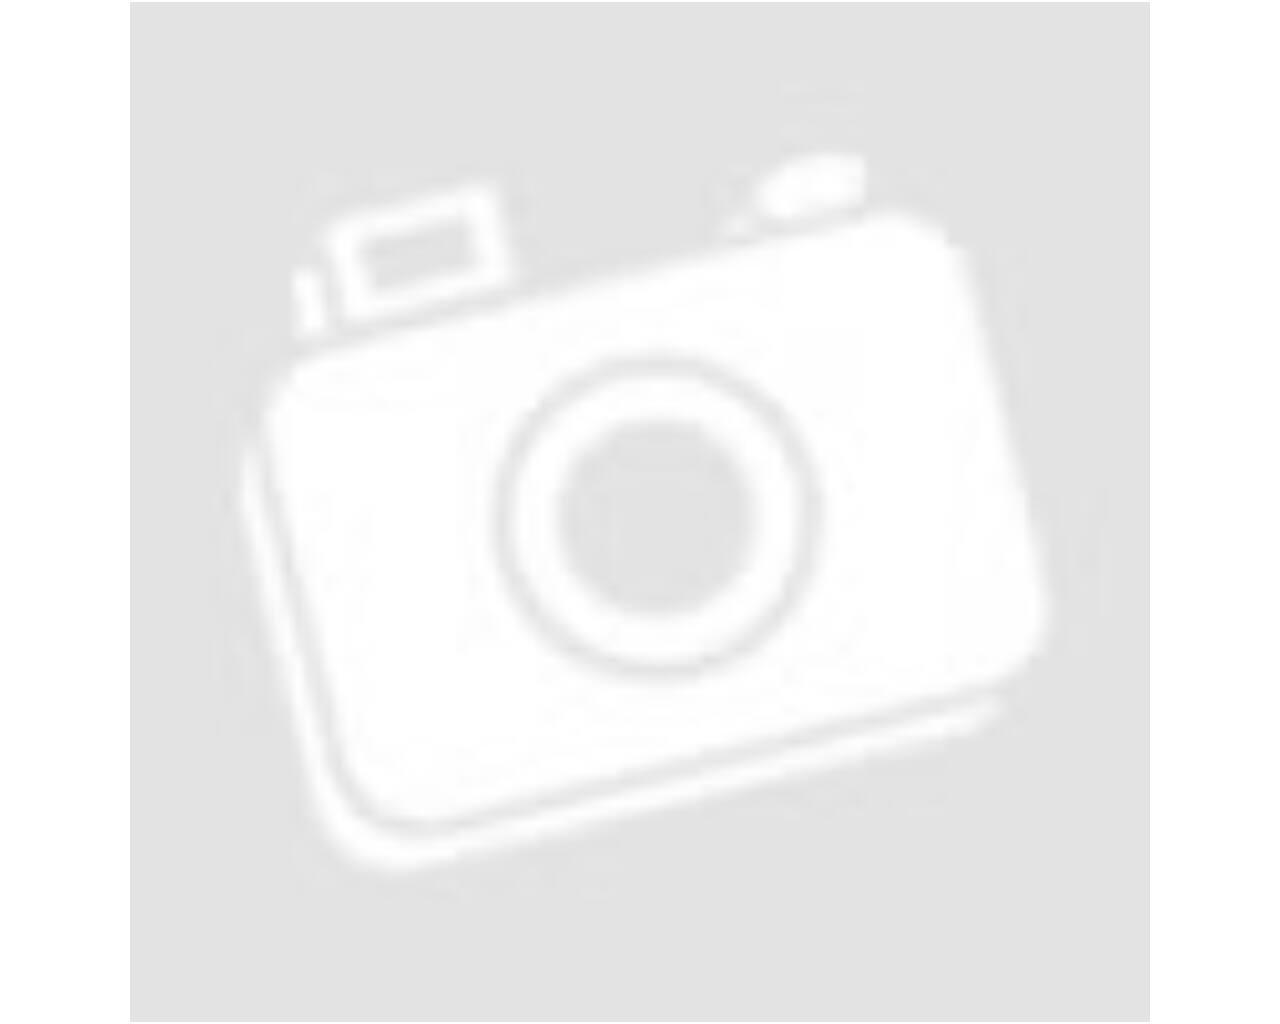 Sötétítő 100% poliészter, sötétbarna 135 x 245